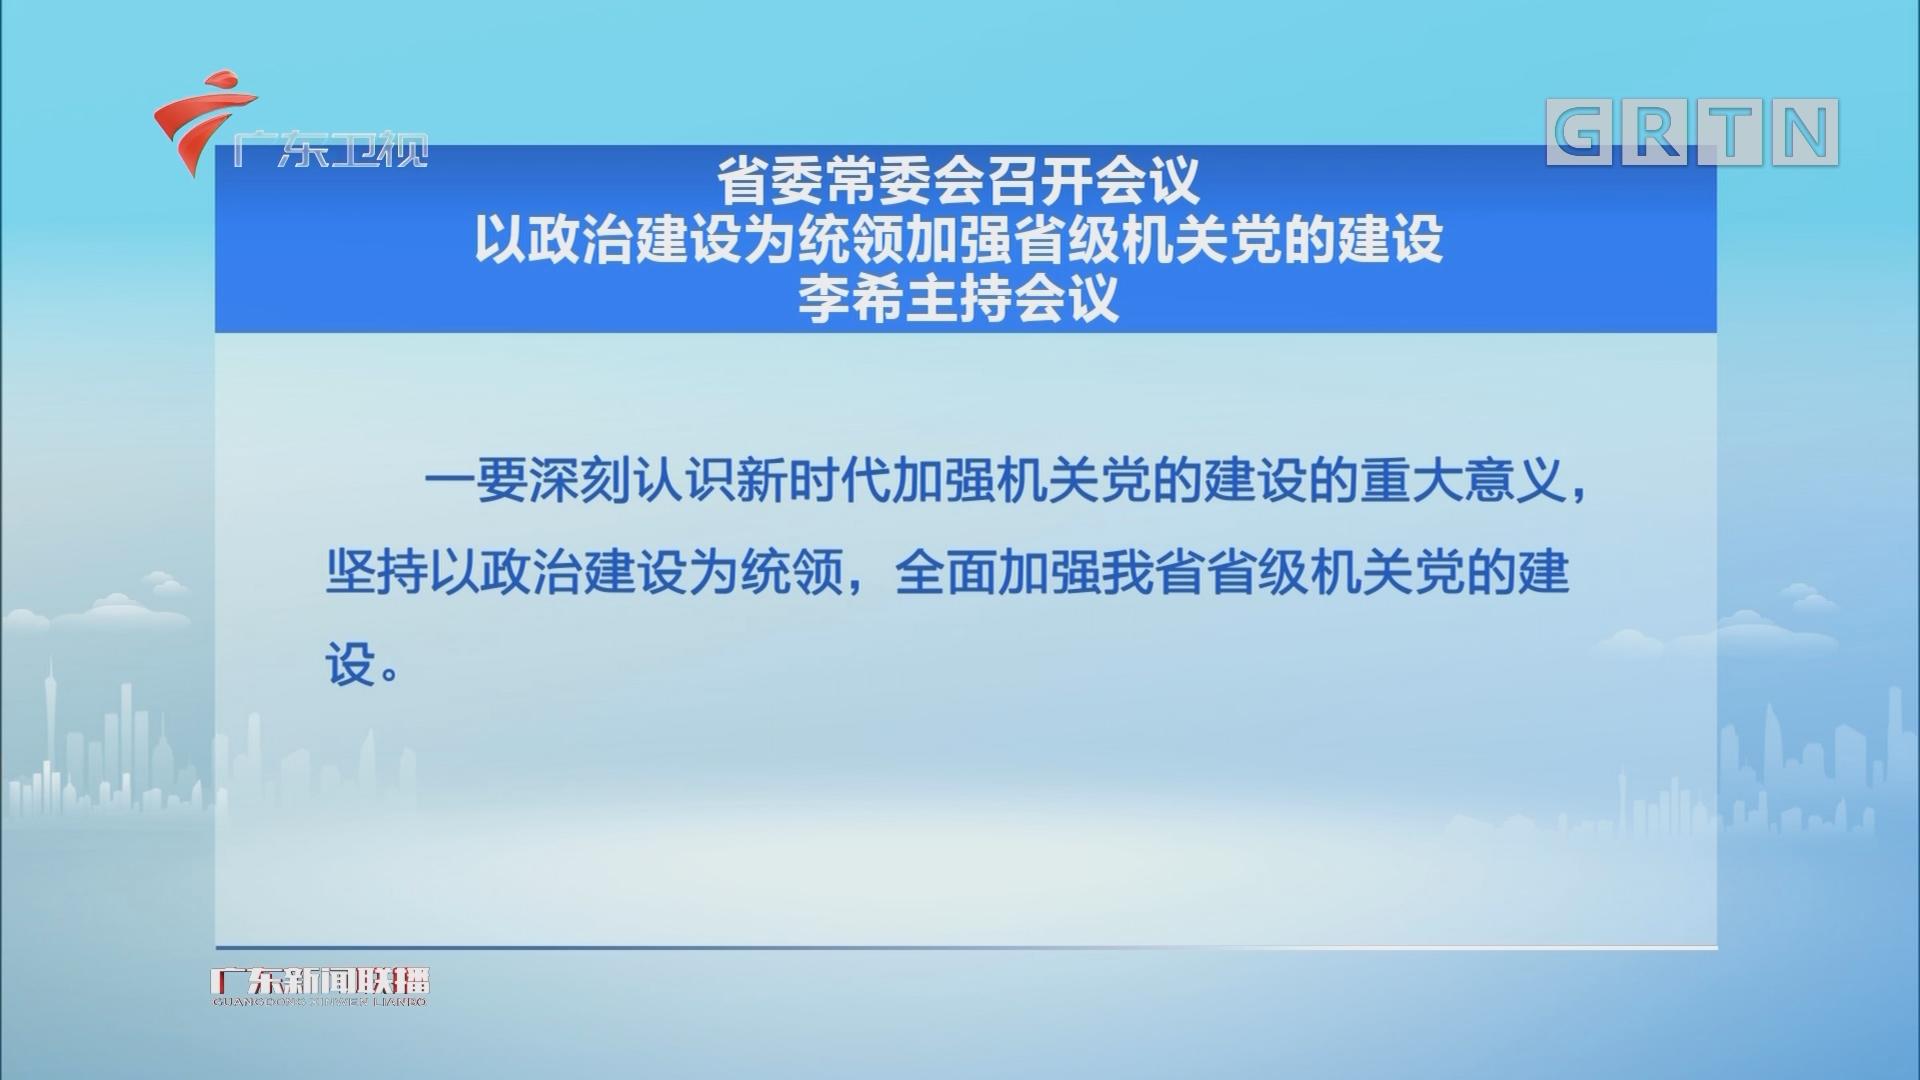 省委常委会召开会议 以政治建设为统领加强省级机关党的建设 李希主持会议